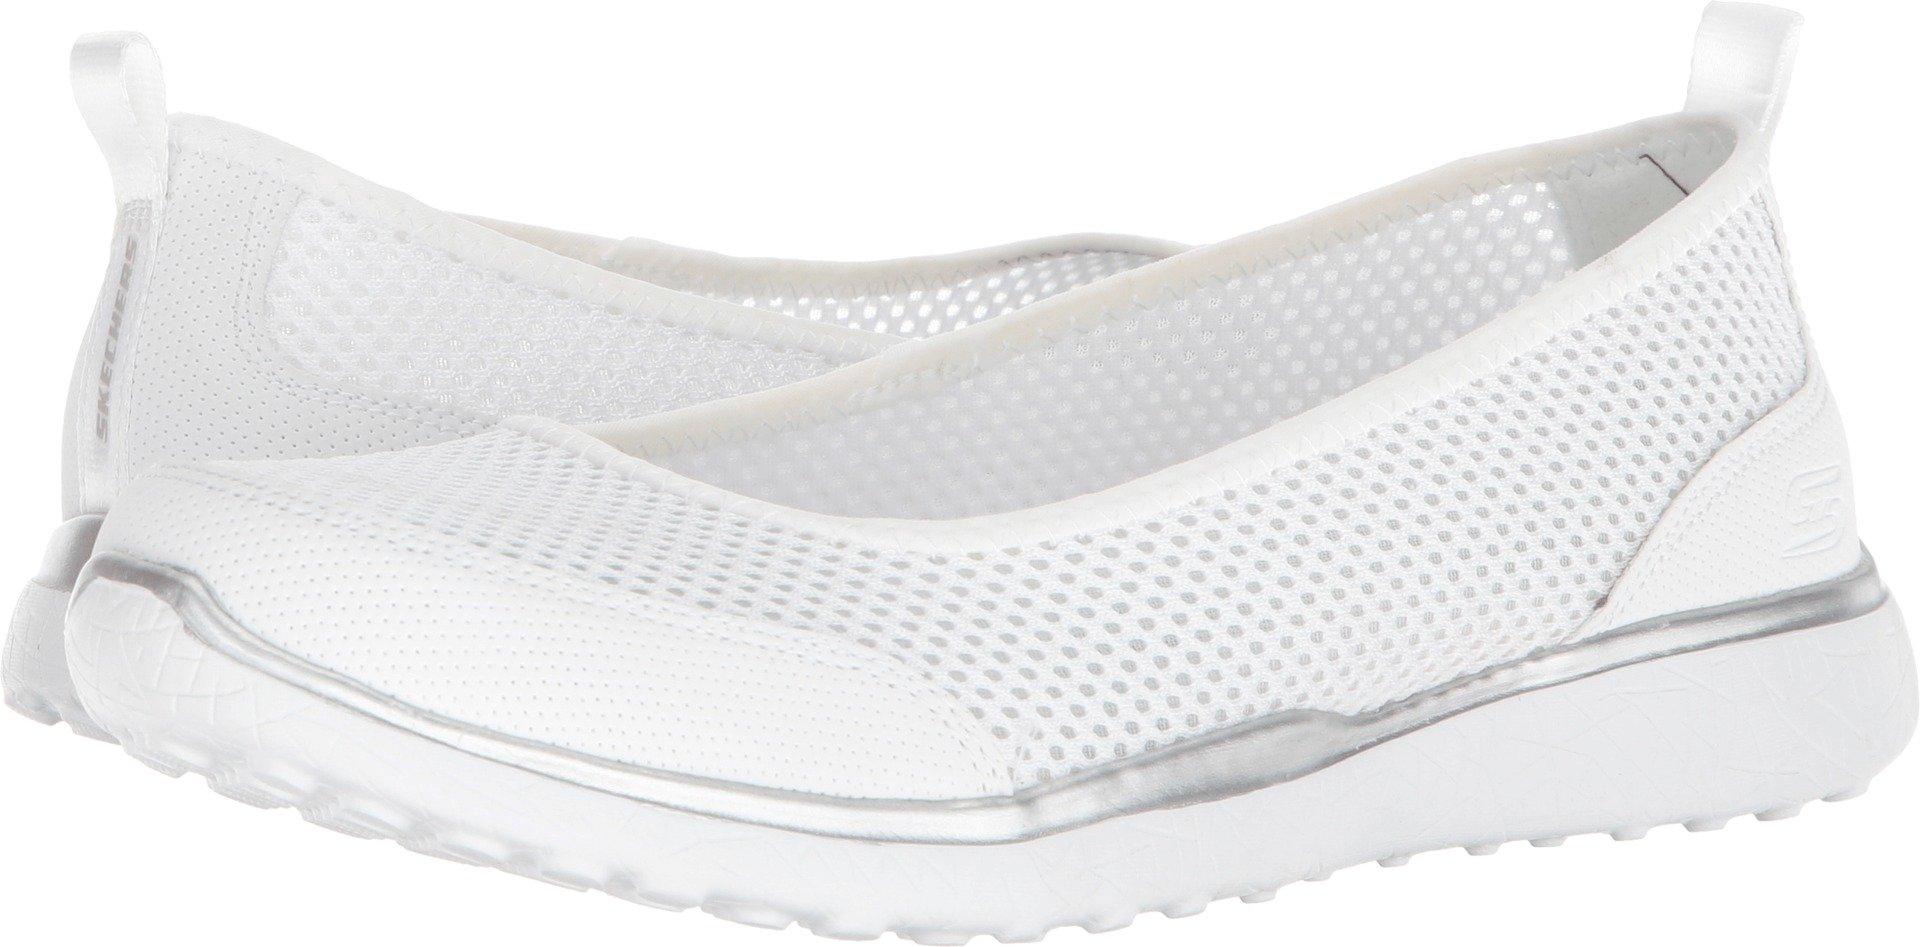 Skechers Sport Women's Microburst-Sudden Look Sneaker,White Slate,8 M US